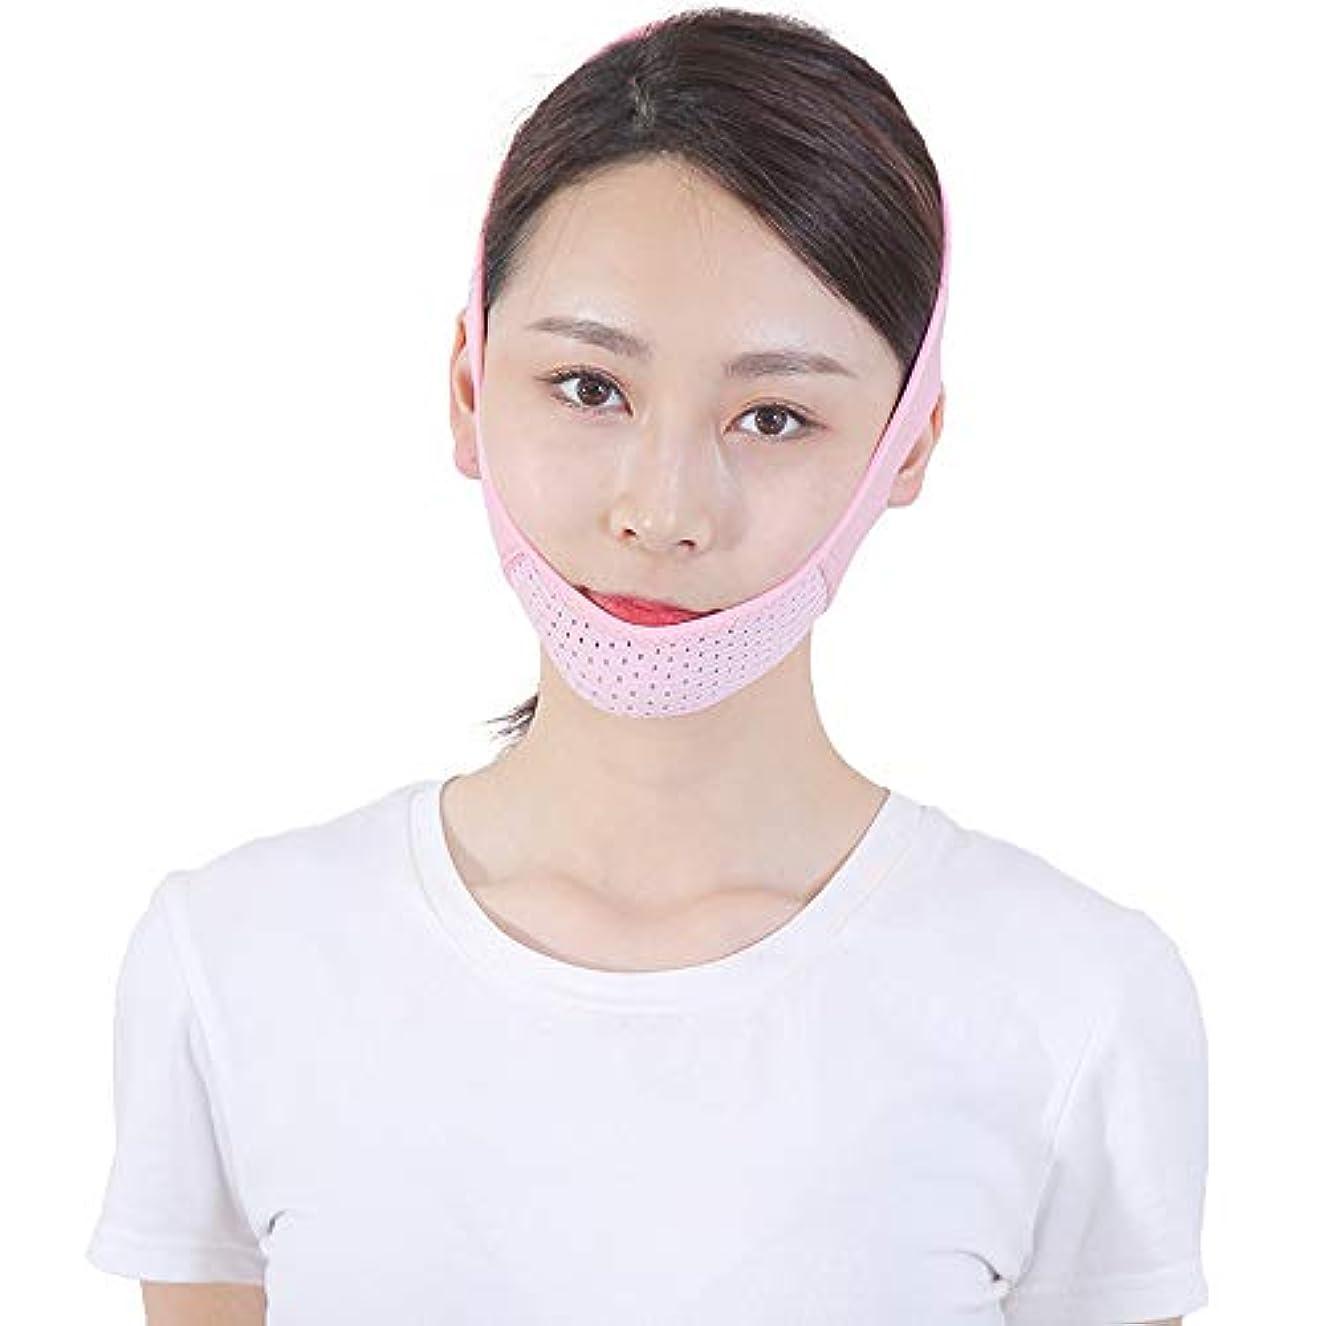 深遠以下寝る薄い顔のベルト - 薄い顔のベルト通気性のある顔の包帯ダブルチンの顔リフトの人工物Vのフェイスベルト薄い顔のマスク